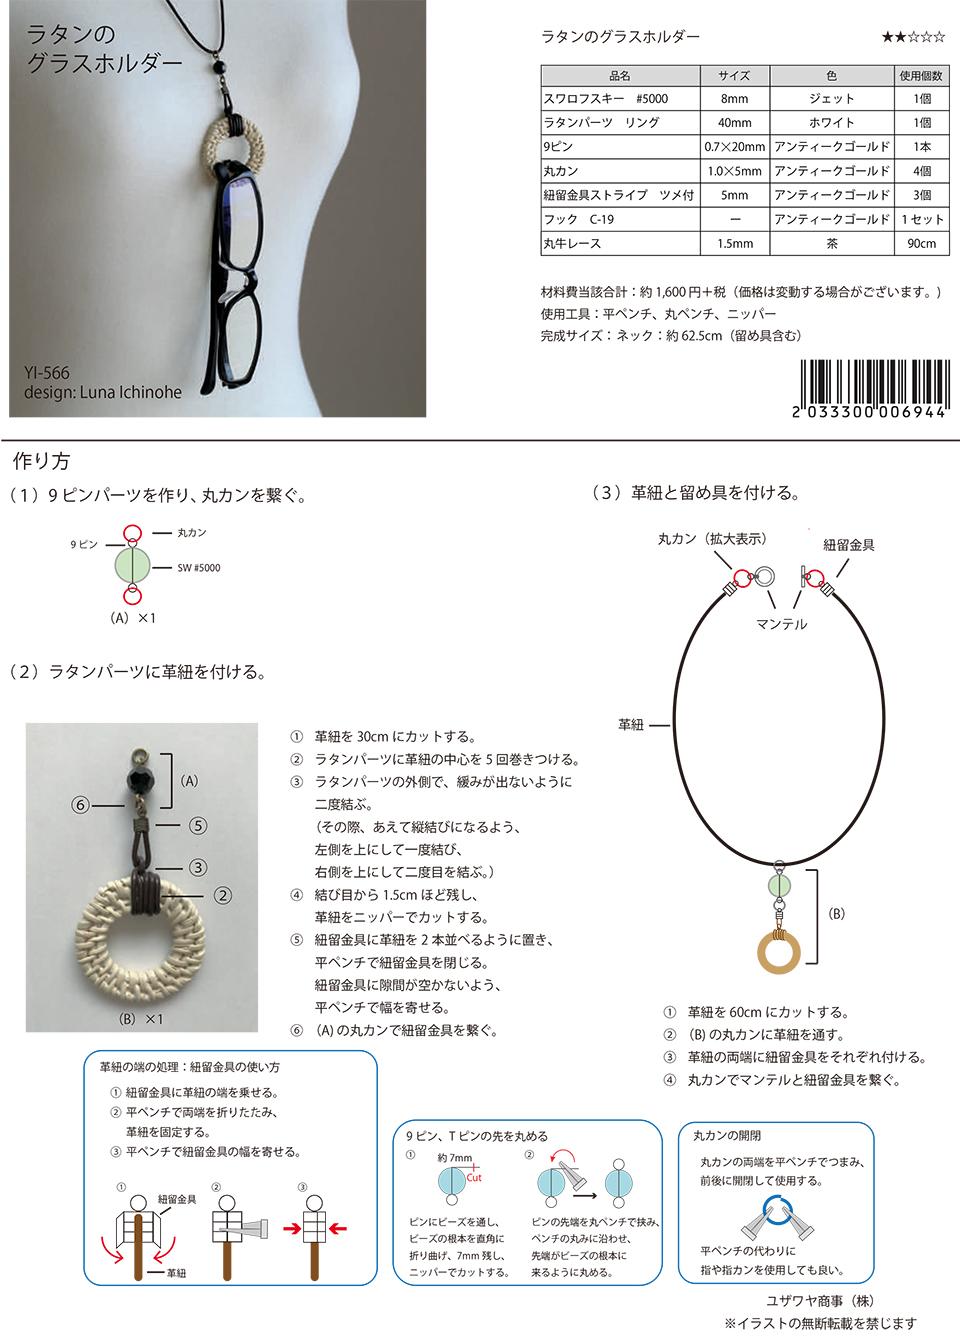 YI-566ラタンのグラスホルダー_1.jpg